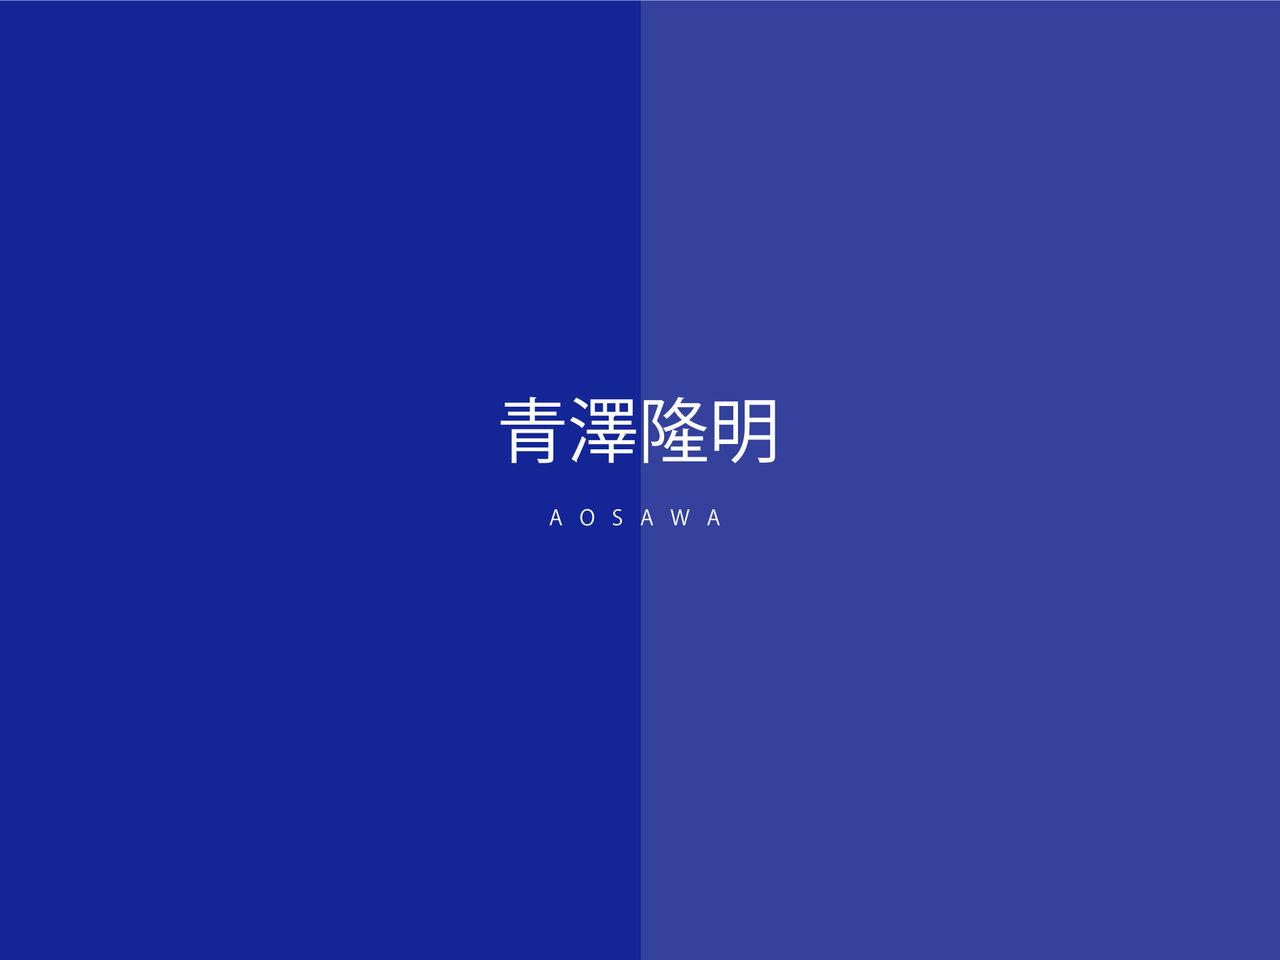 人々の生きる都会のなかで- 原田慶太楼指揮読響のコープランドとハイドン